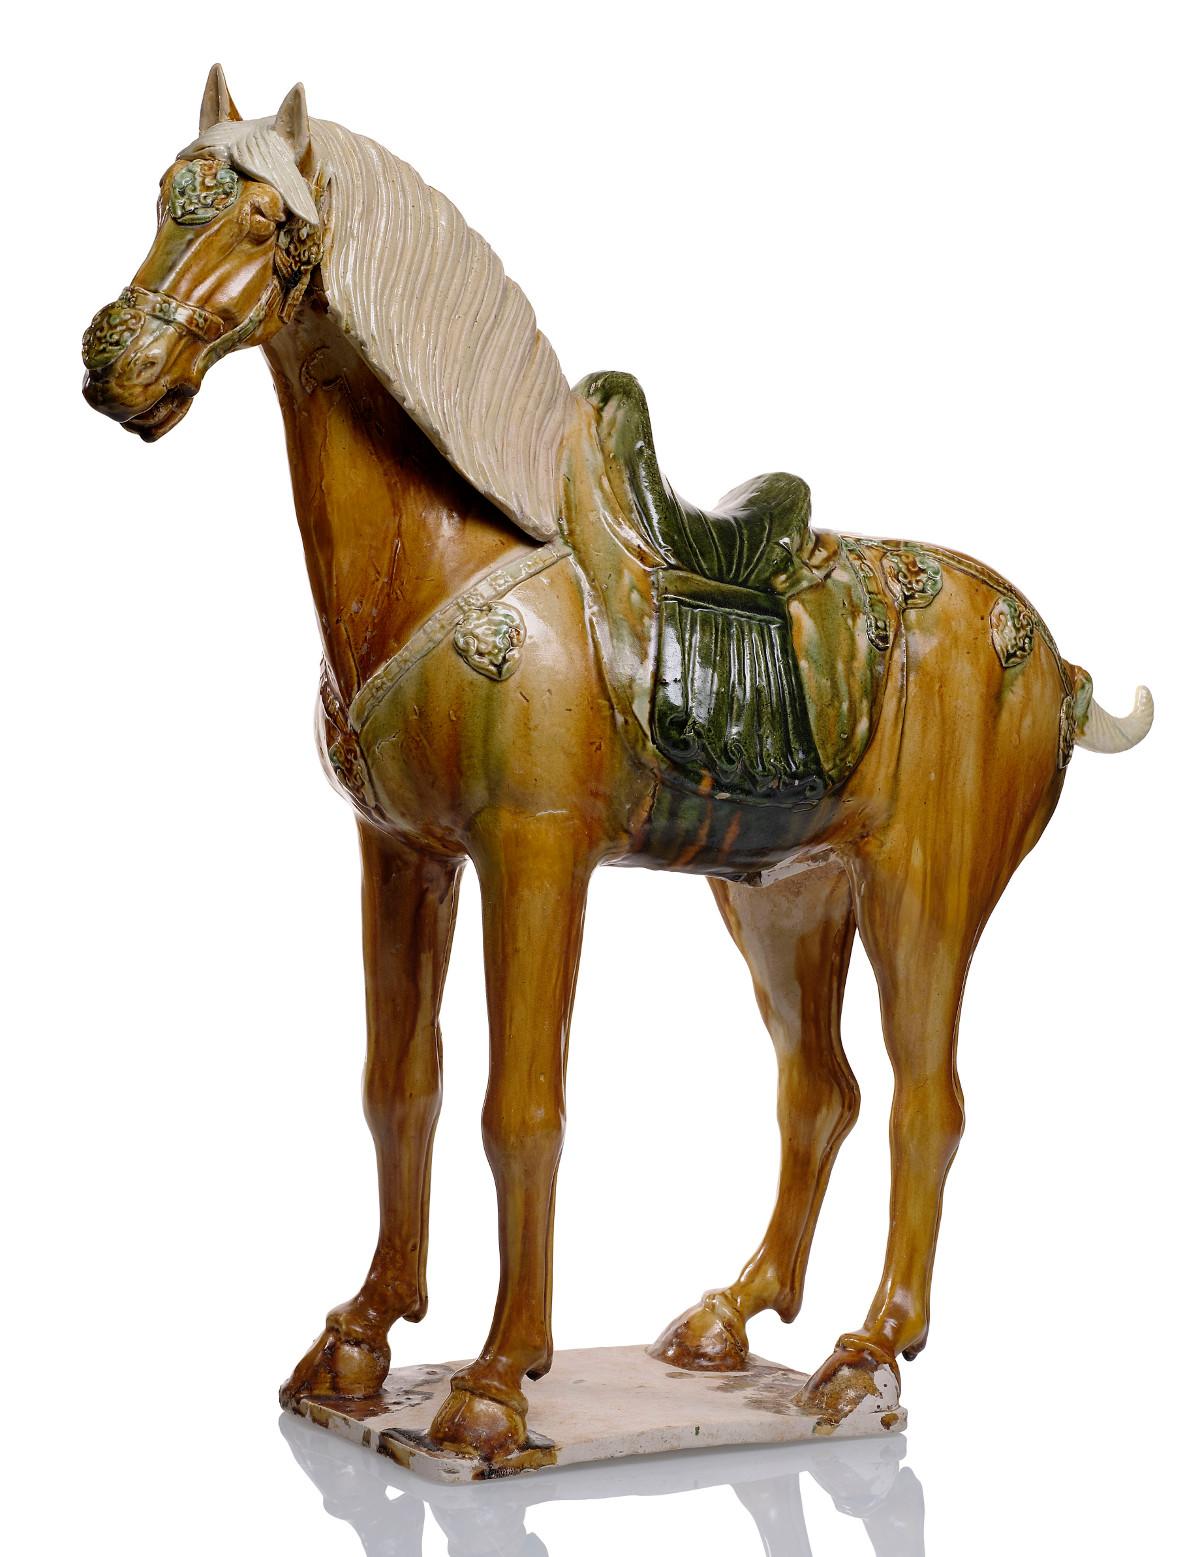 Das Pferd mit Sancai-Glasur aus der Kollektion von Julius Eberhardt stieg bei der Nagel-Aution im November 2013 von 20 000 auf 44 000 Euro; alle Preise mit Aufgeld, (Foto: Nagel Auktionen, Stuttgart)